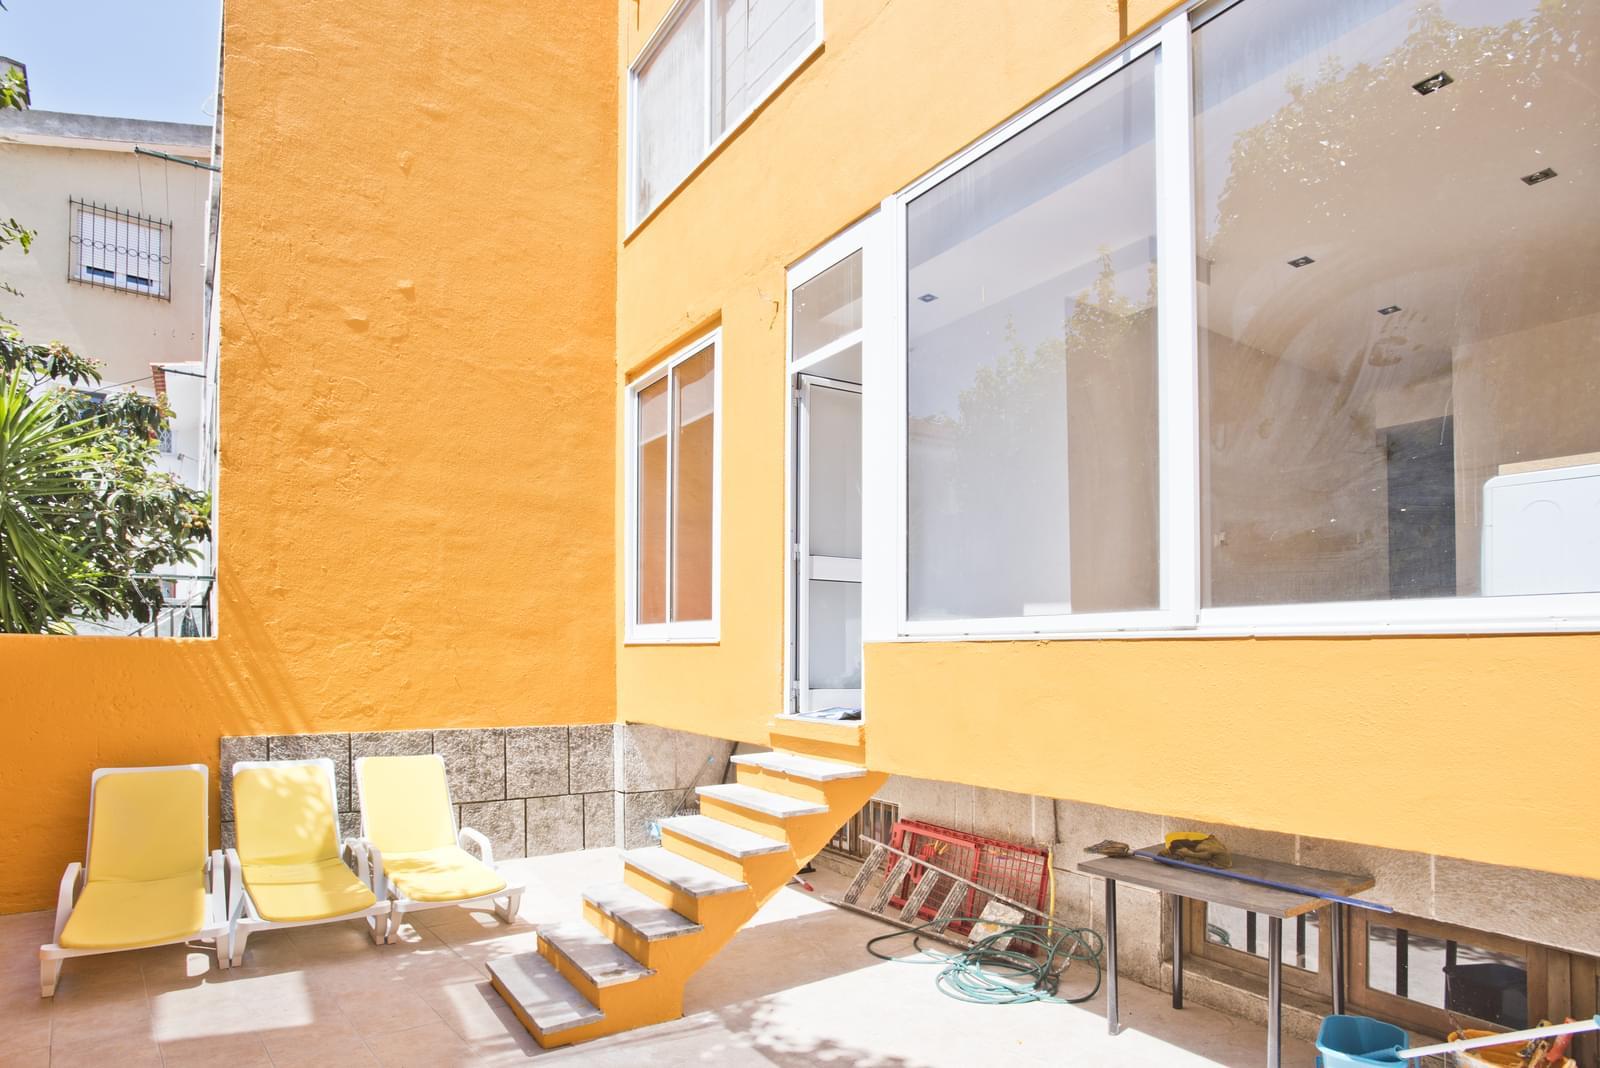 pf17010-apartamento-t4-cascais-fb47e173-7a76-4543-968e-8b4a555de3ca